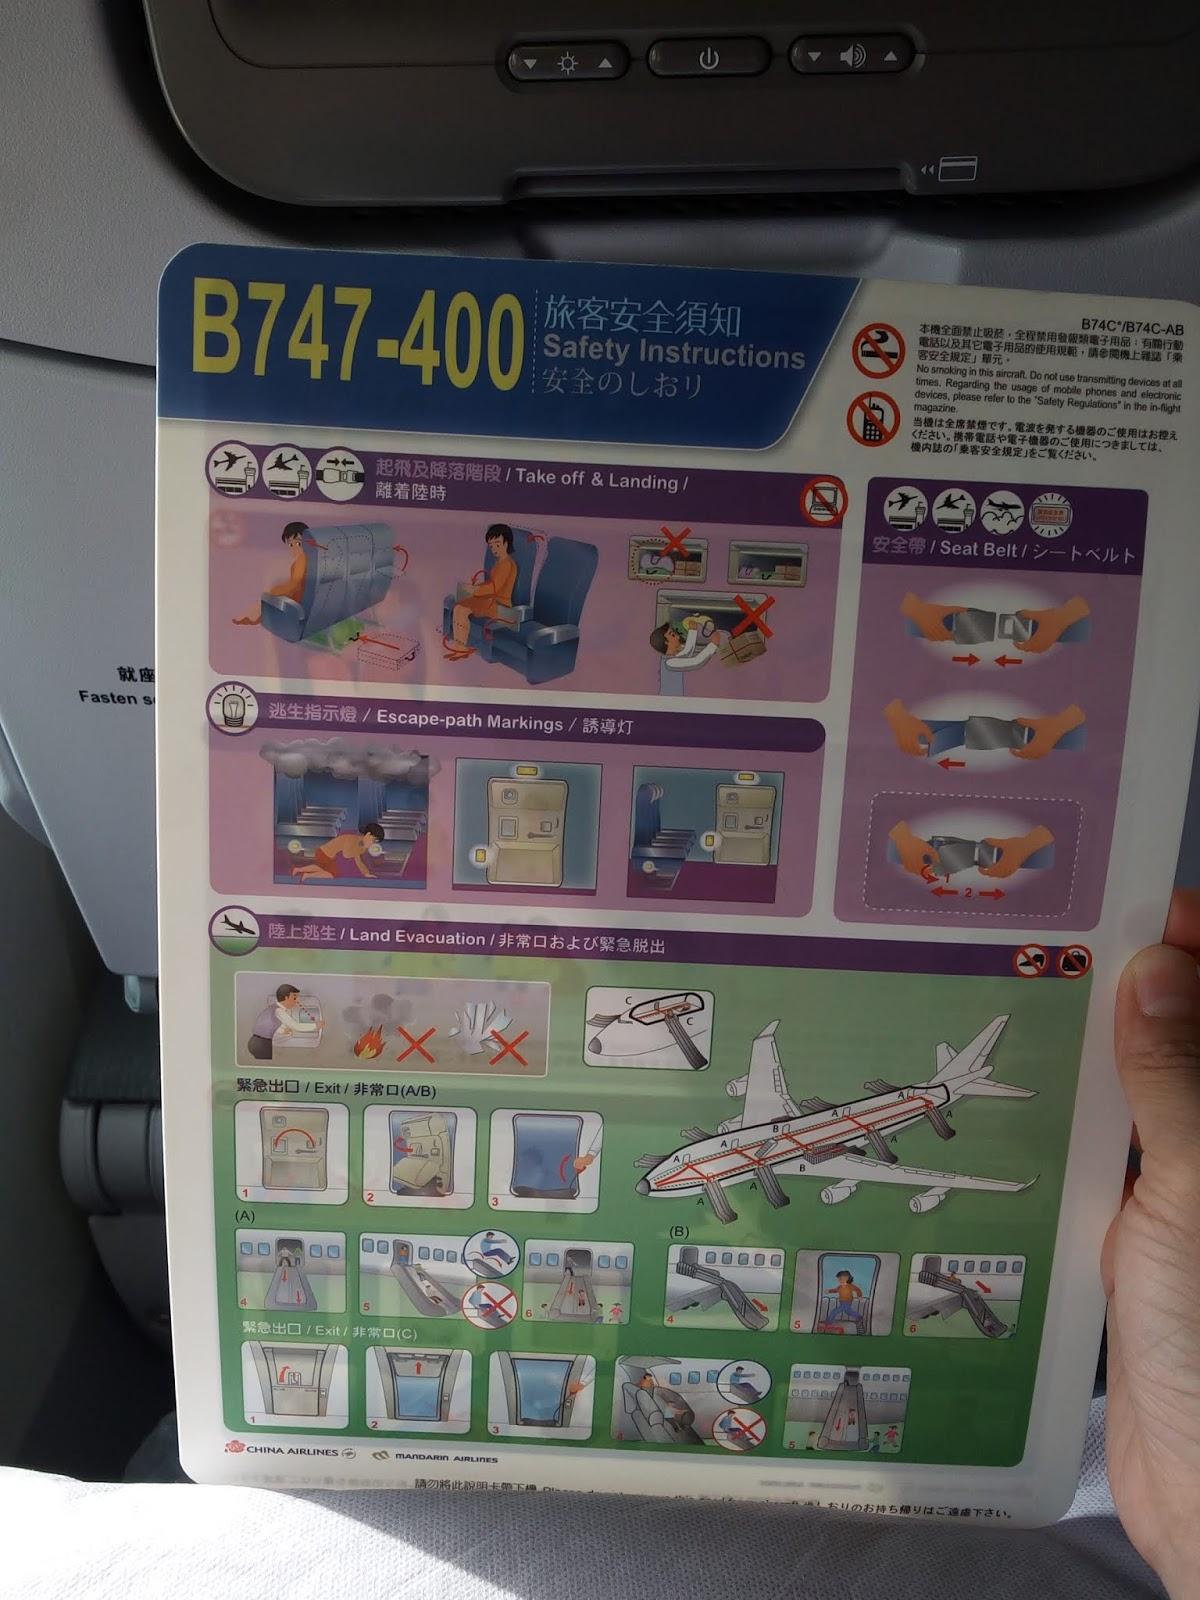 華航B747-400